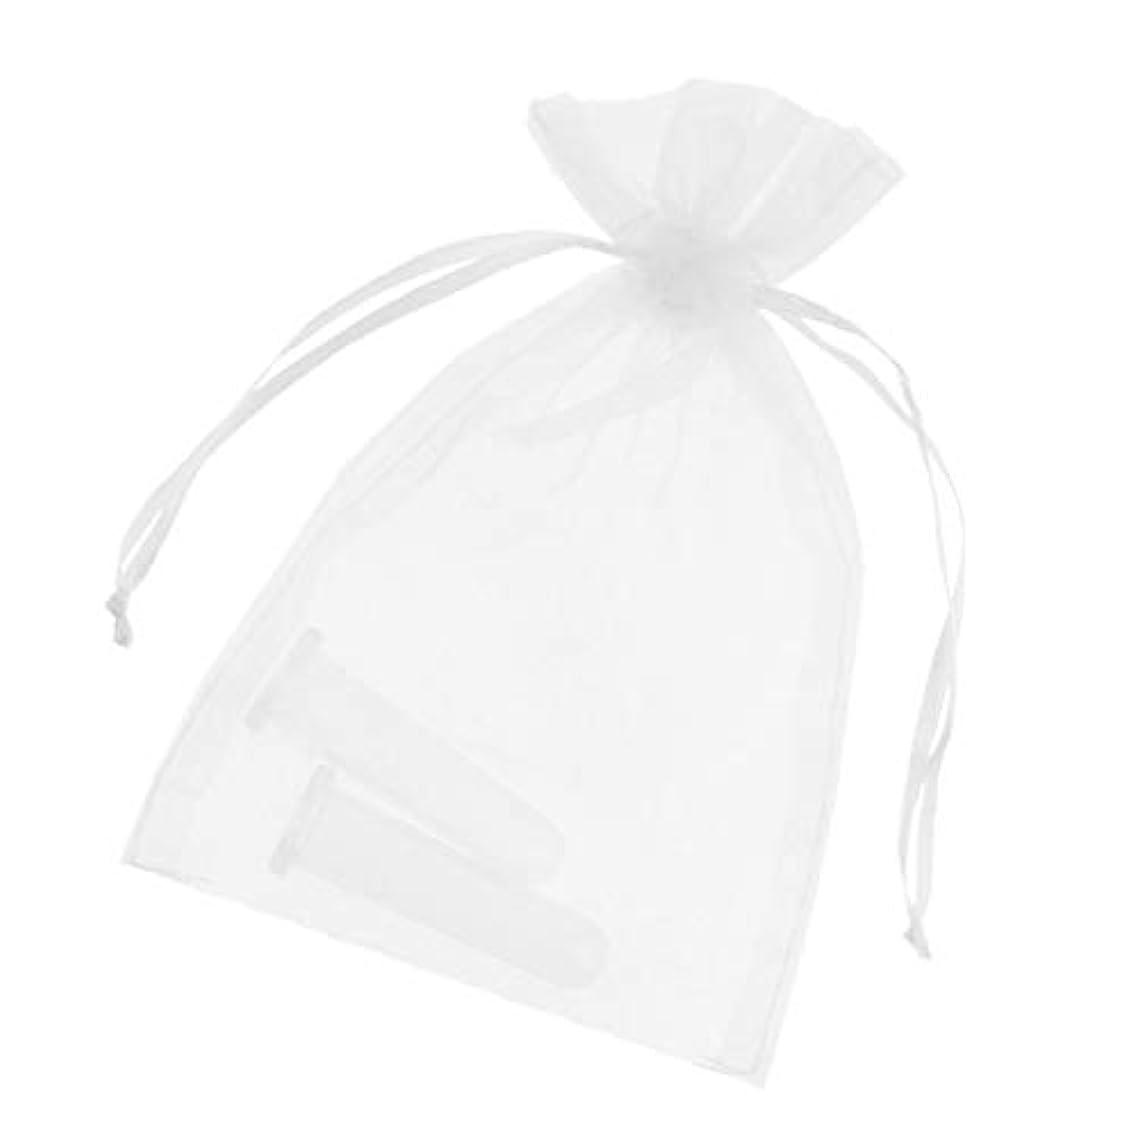 時代びっくりする気分Baoblaze シリコンカッピング吸い玉 真空カッピング デトックス マッサージカップ 収納ポーチ付き顔用2個全2色 - ホワイト